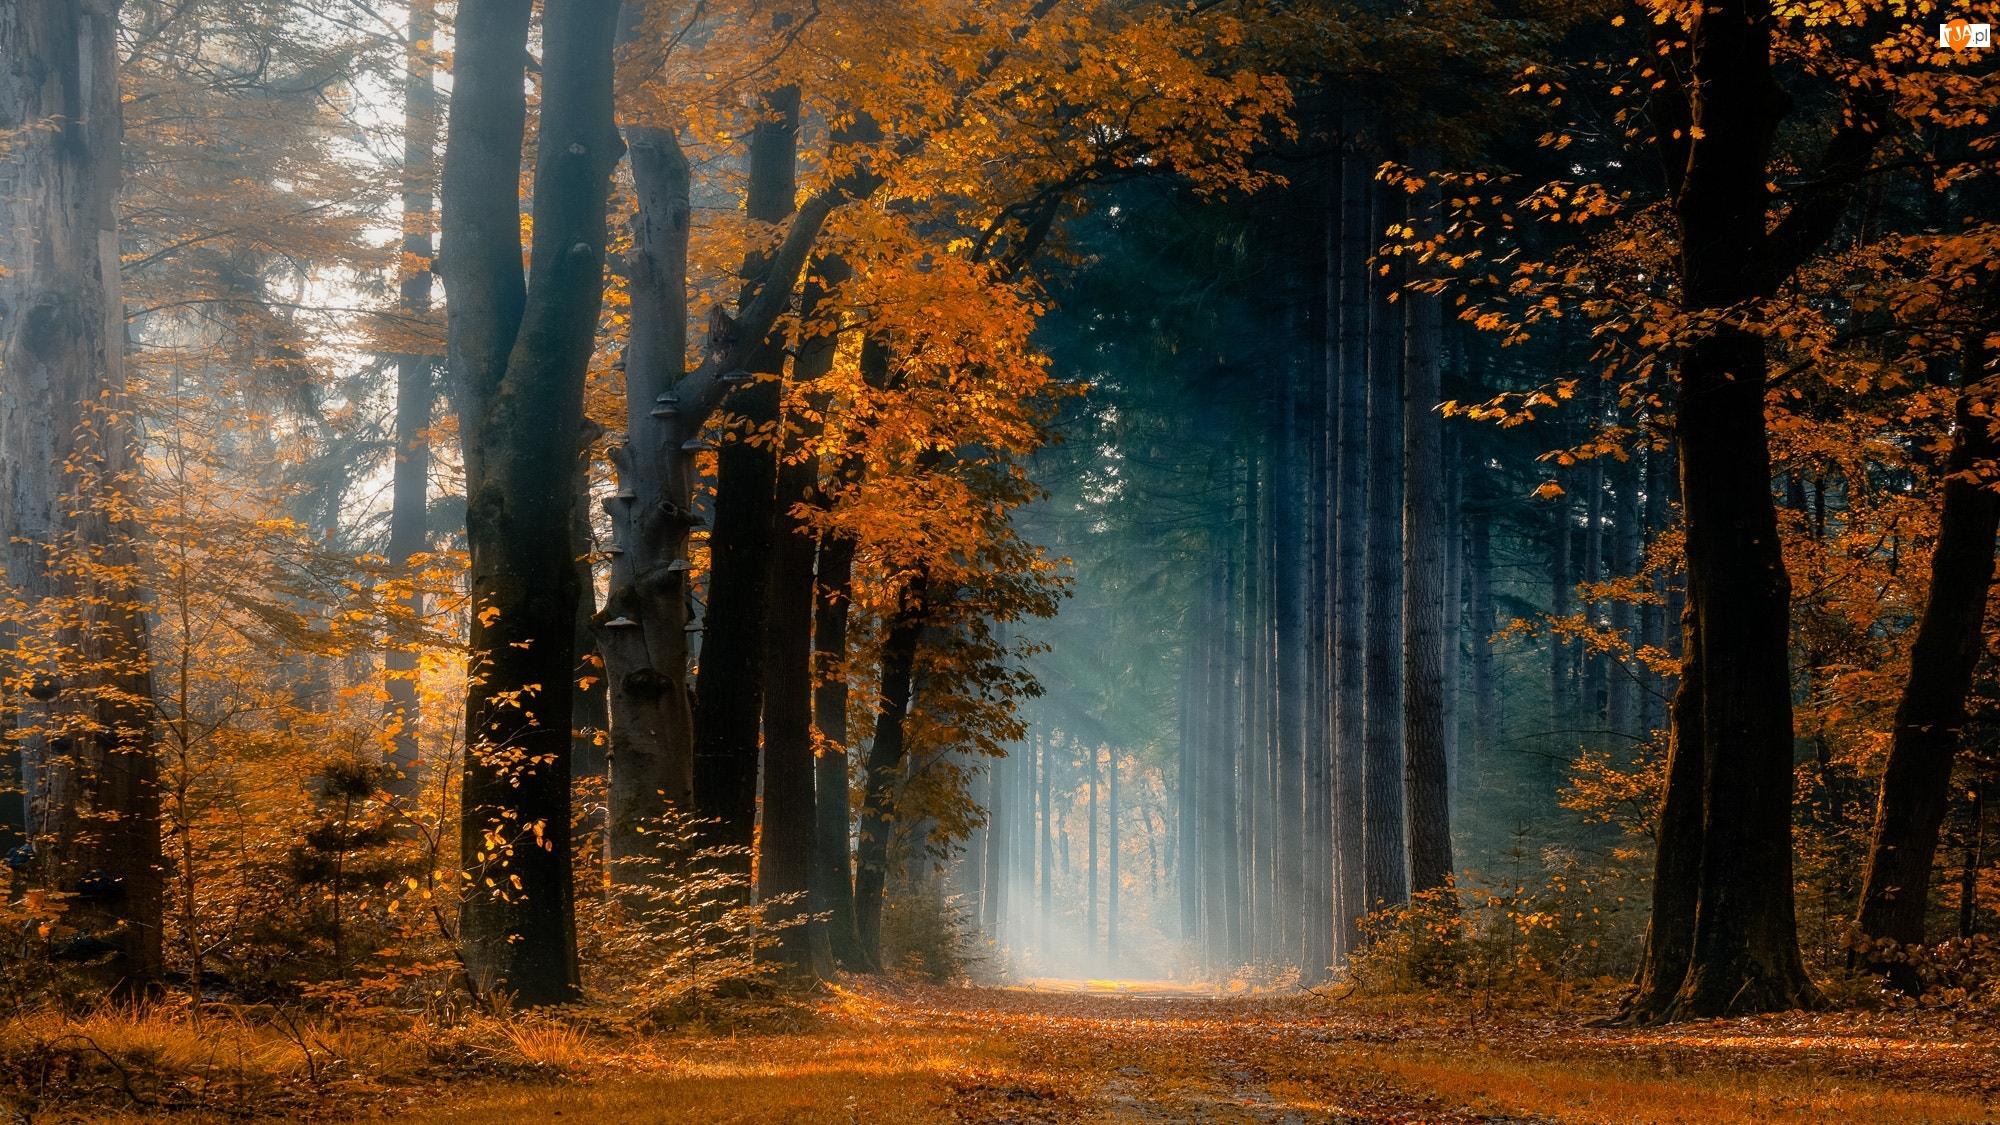 Drzewa, Jesień, Droga, Las, Promienie słońca